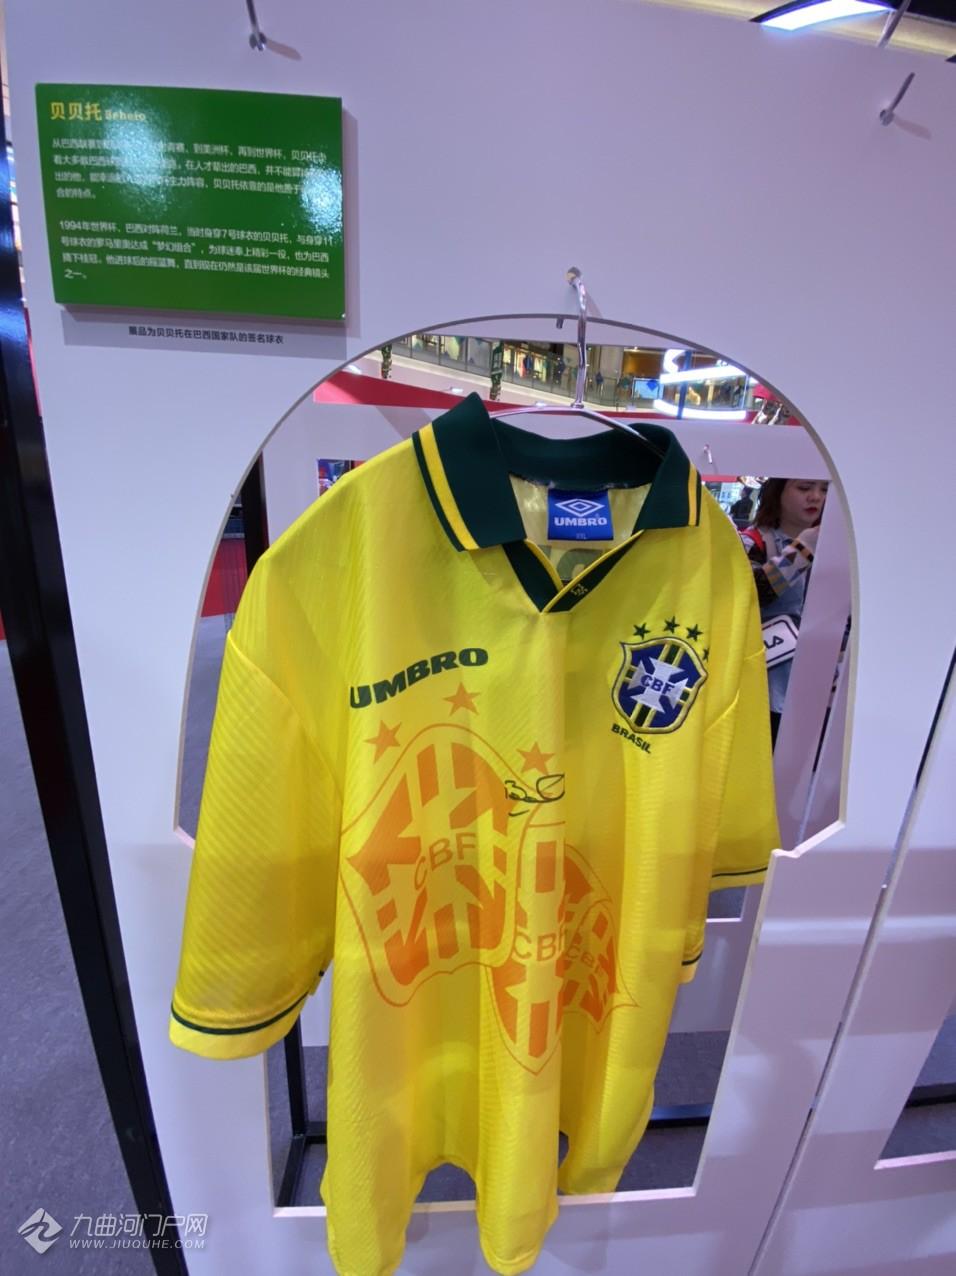 【我的十一游记】到成都观世界足球巨星签名装备藏品展,这里面集结了60余位足坛传奇巨星的珍品 ... ... ...